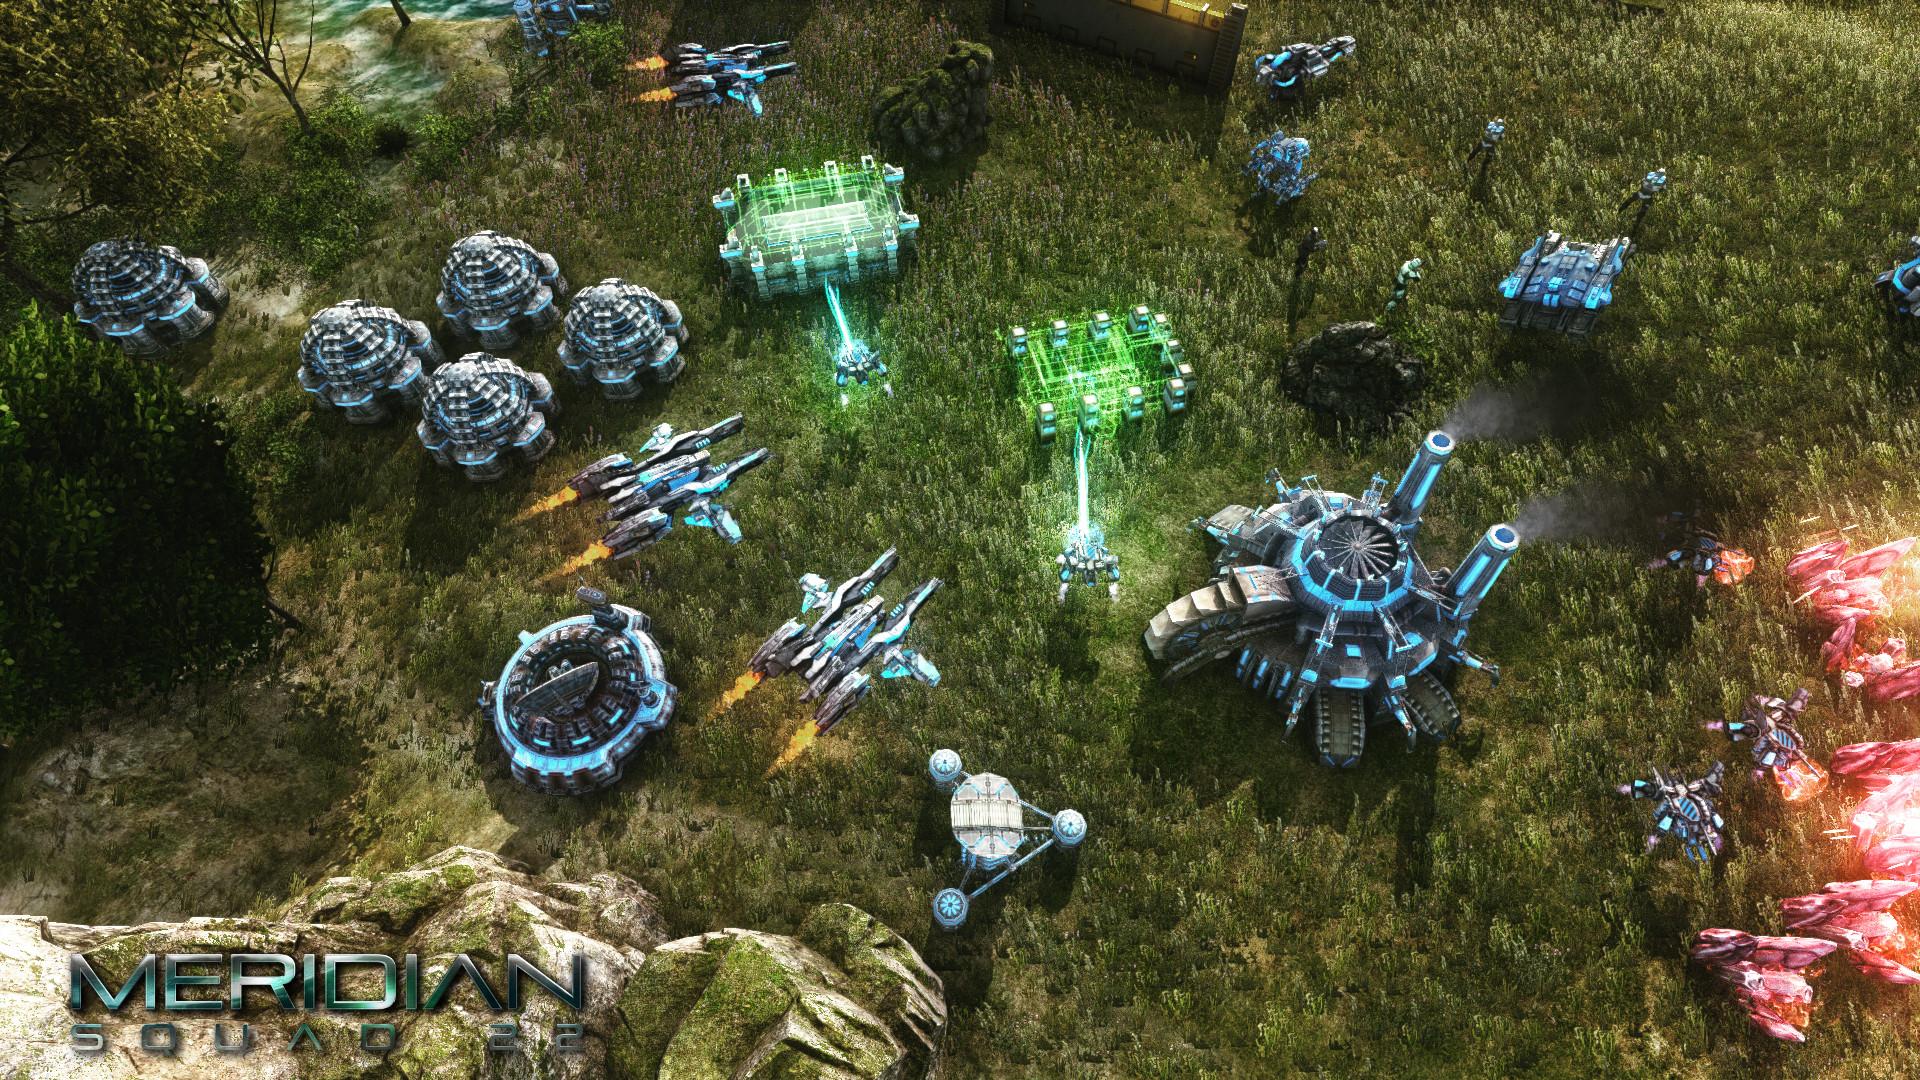 Meridian: Squad 22 Screenshot 3